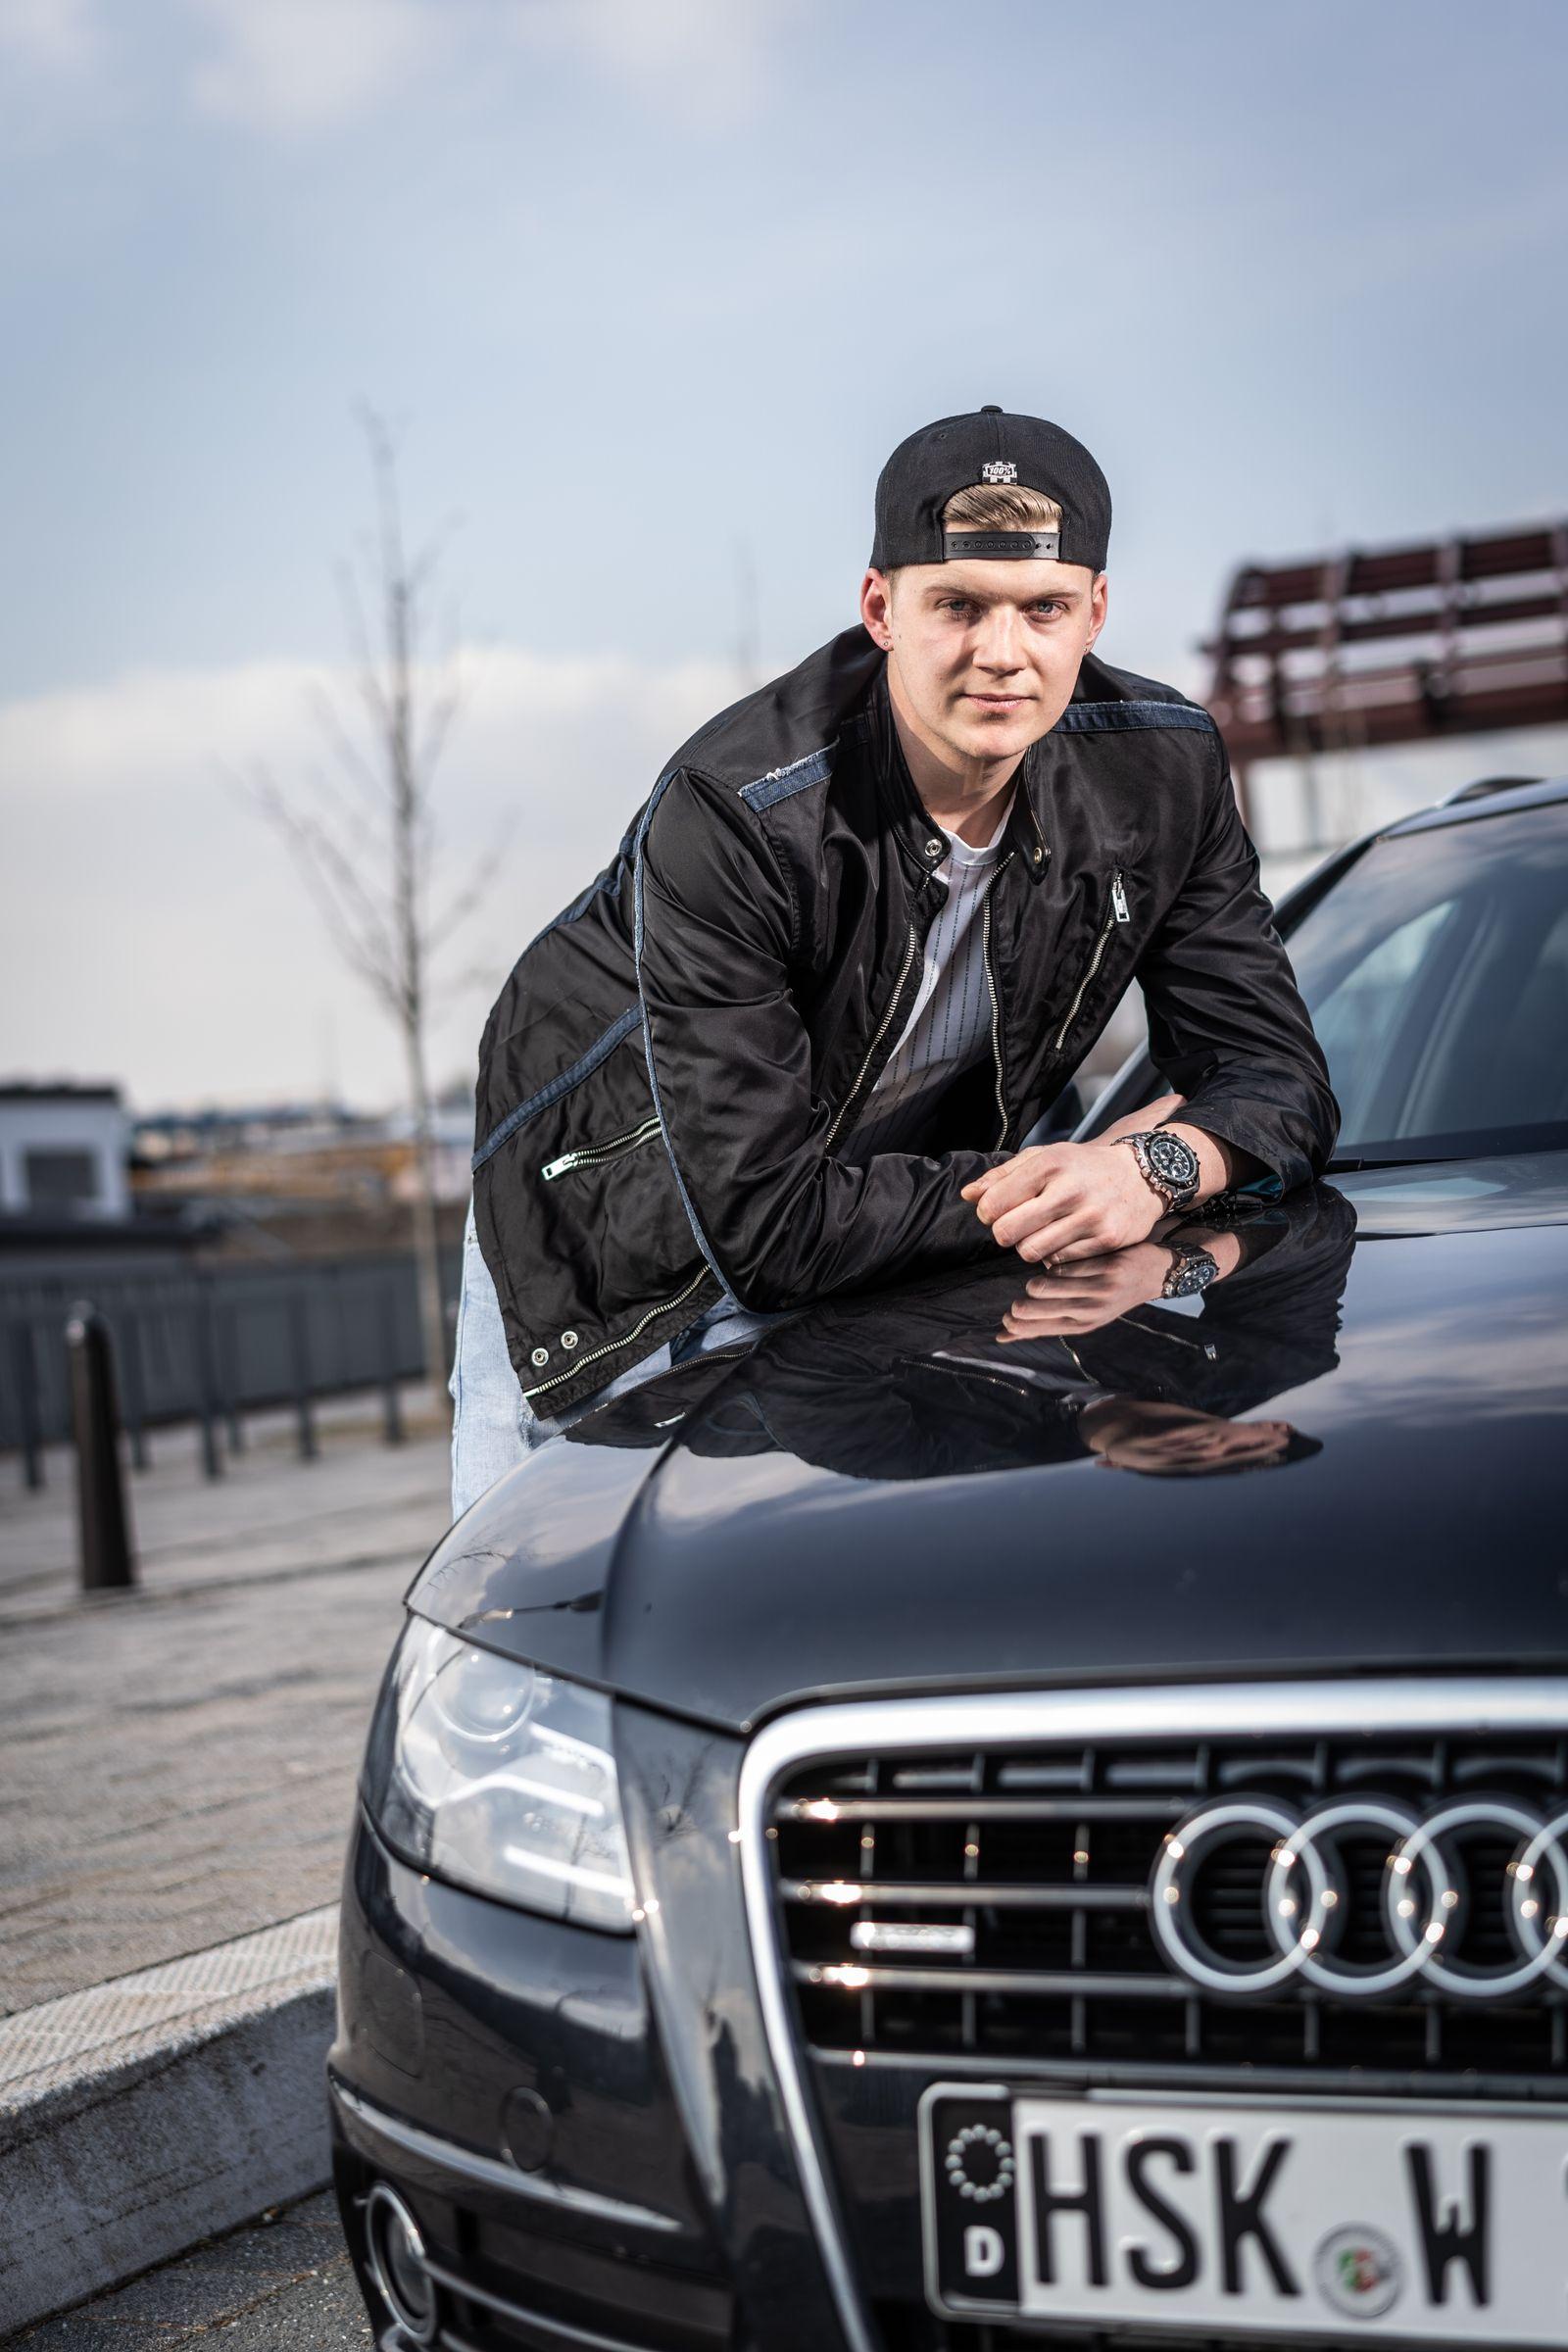 Aaron Weber | Falsche Polizei-Corona-Streife | Winterberg | 02.04.2020